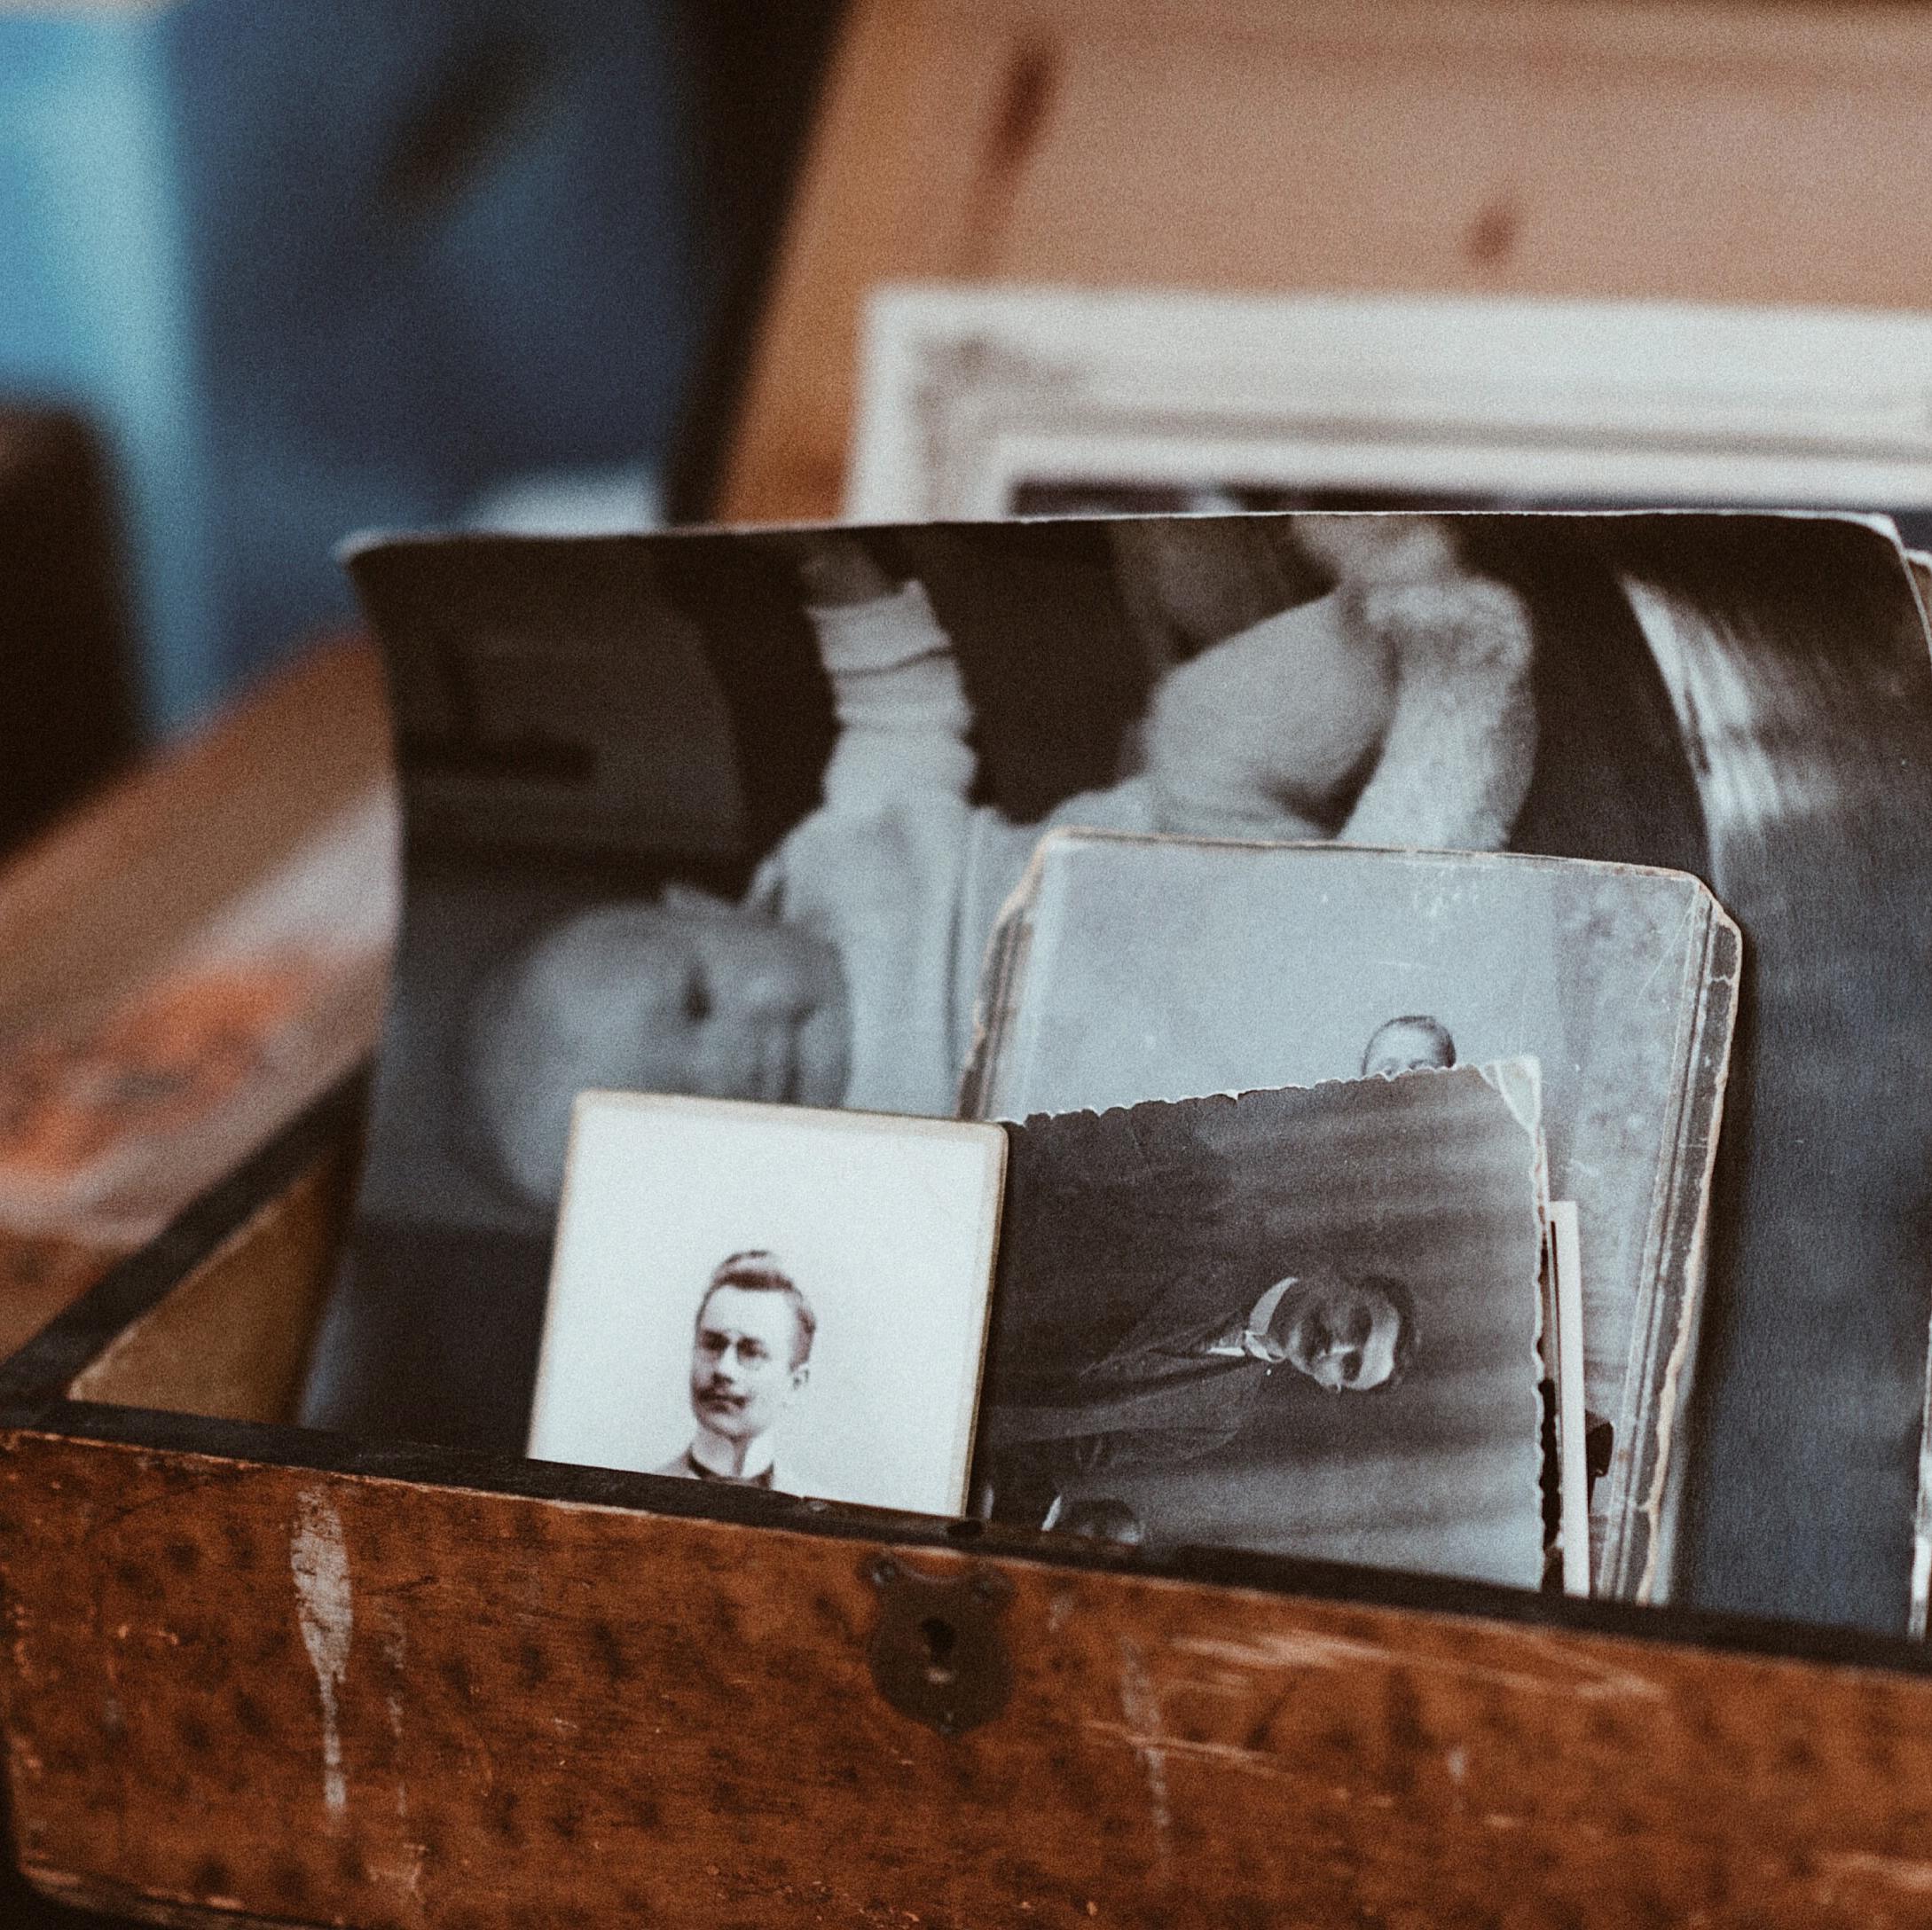 A box full of family photos